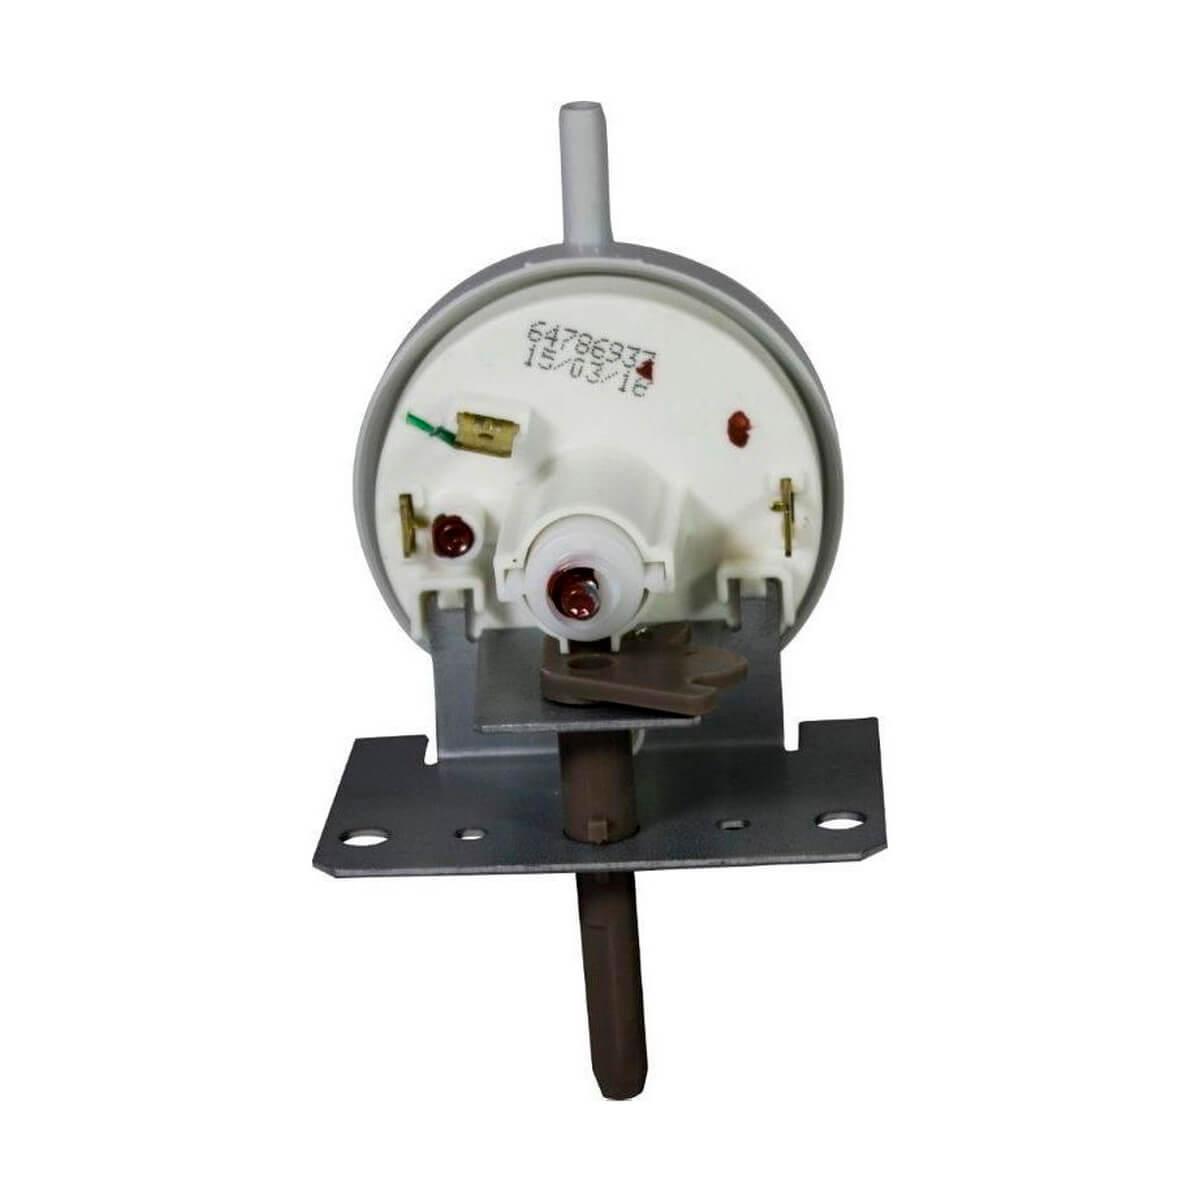 Pressostato De 3 Níveis Para Lavadora De Roupas Electrolux LT60 - 64786937